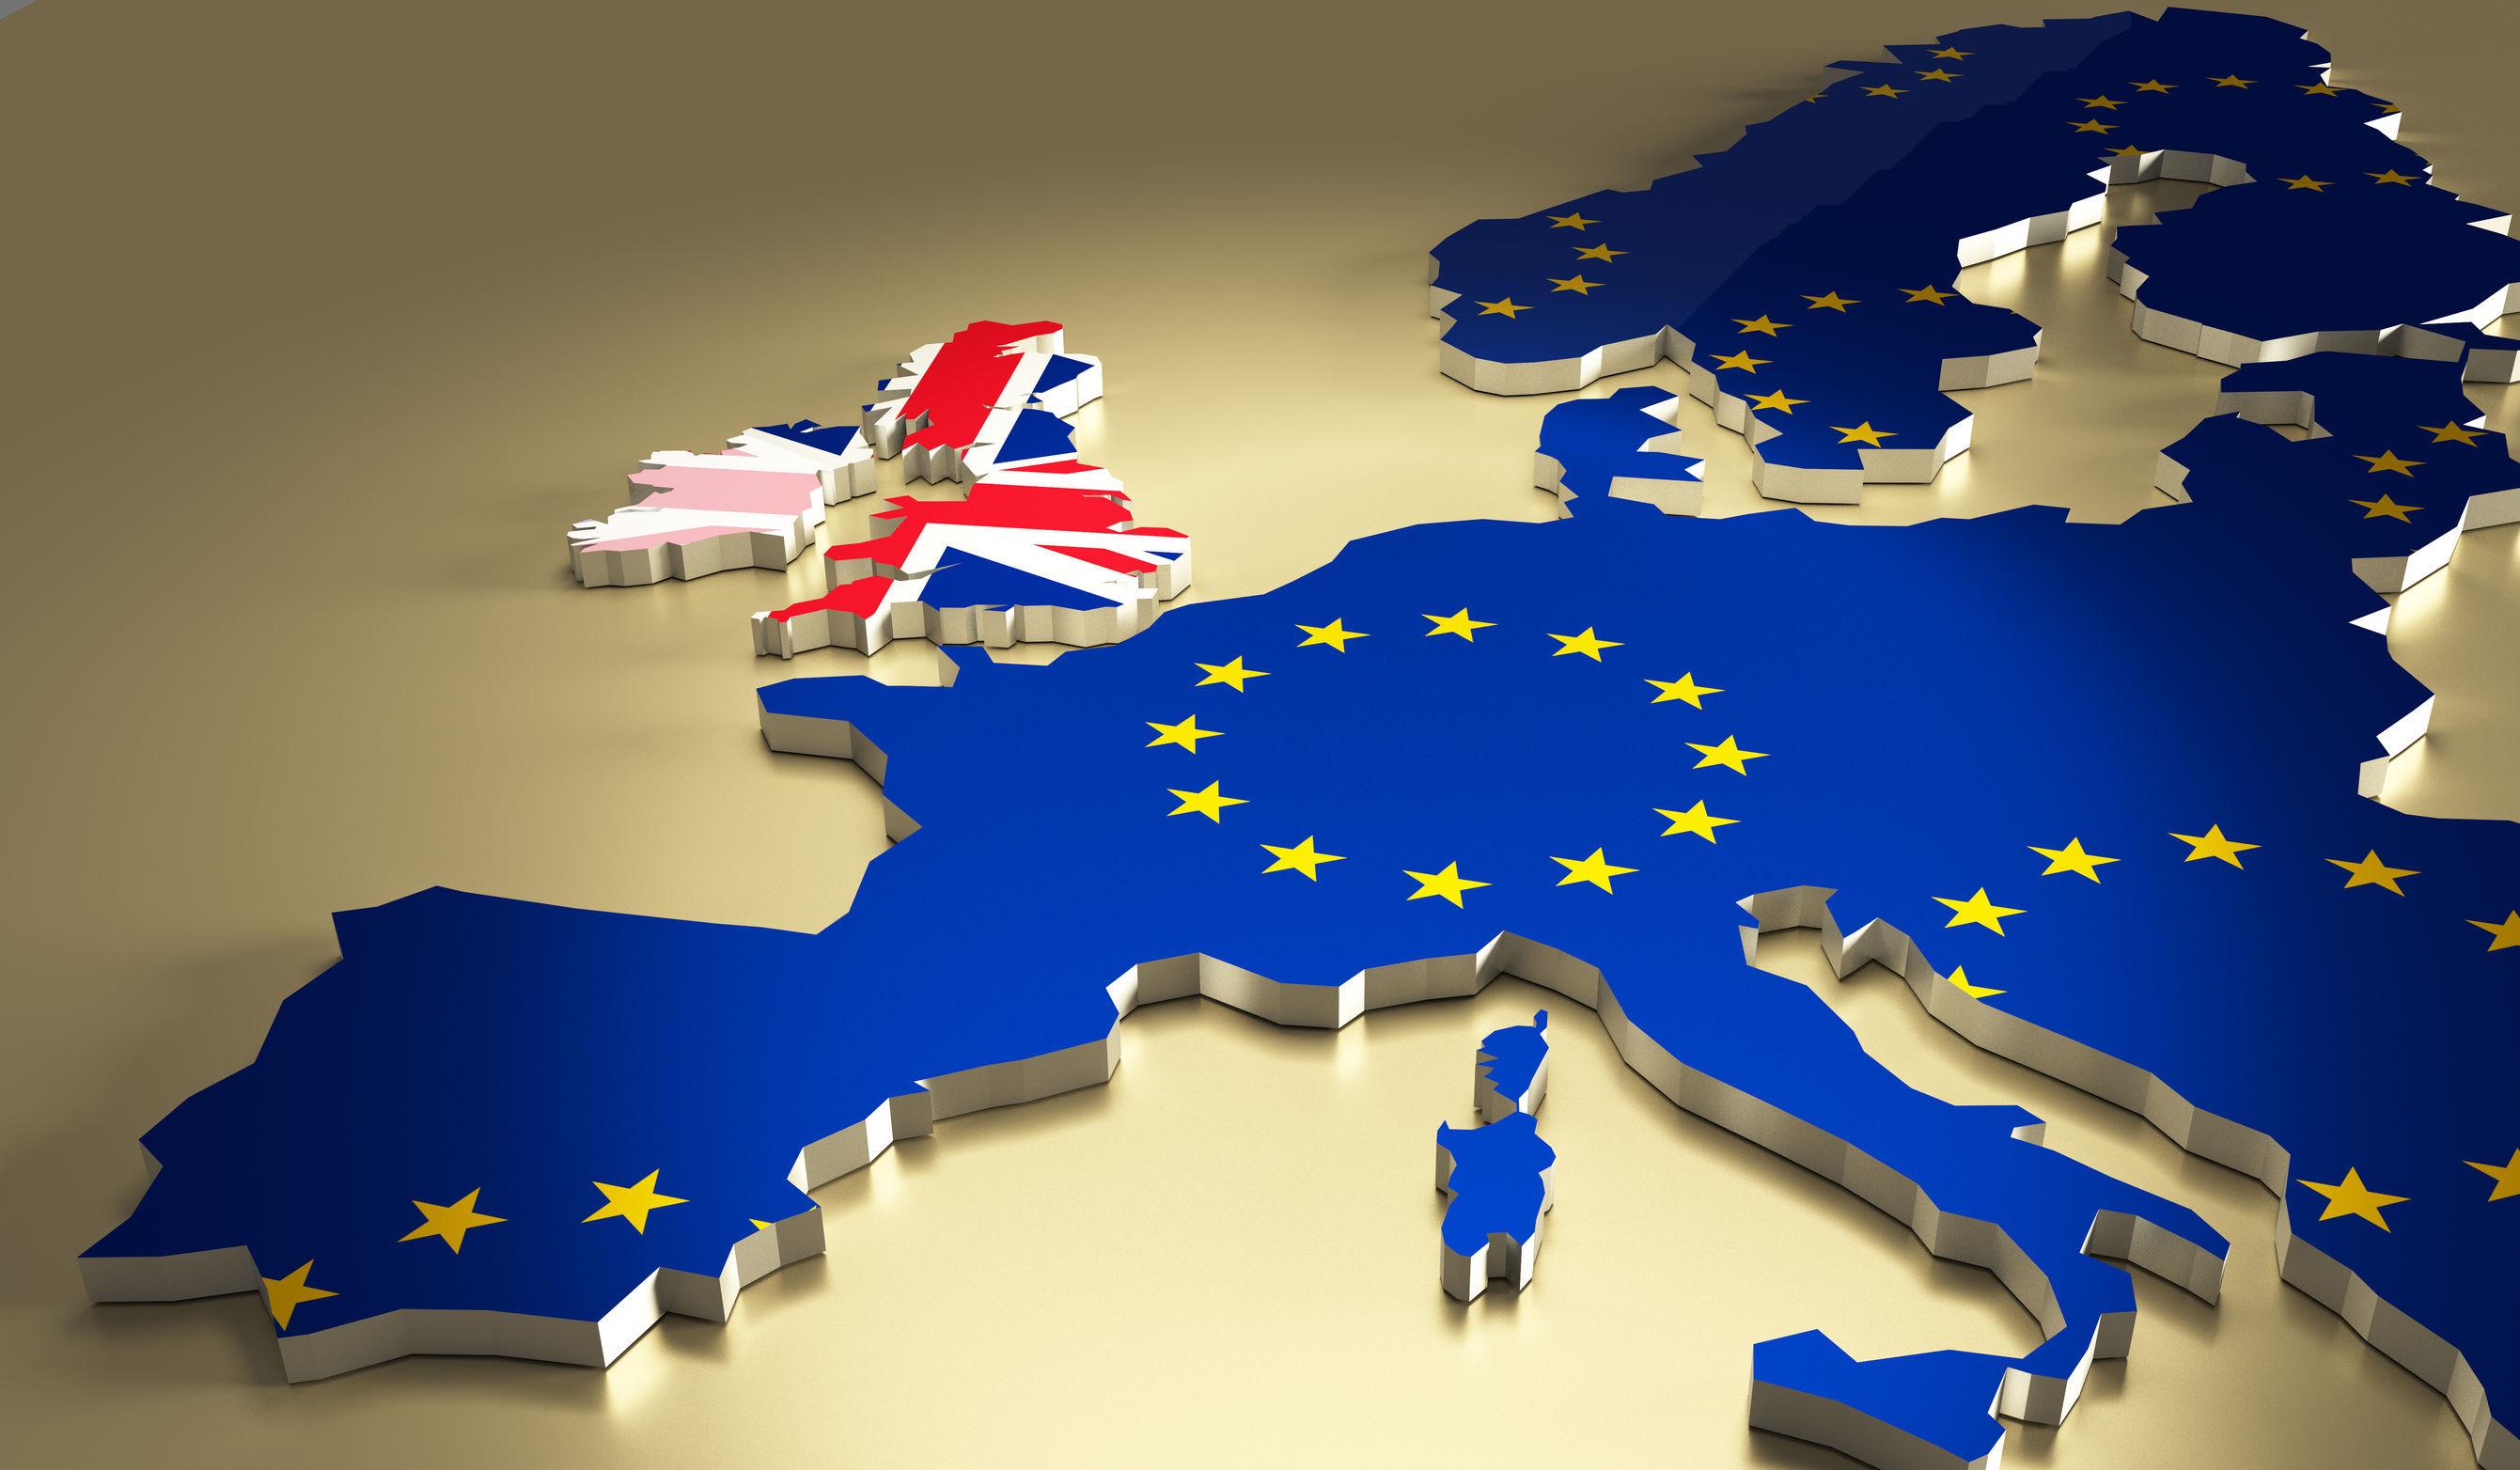 Acord de principiu între Londra şi UE, în contextul Brexit. Cât trebuie să plătească Marea Britanie pentru `divorţul` de Uniunea Europeană - surse